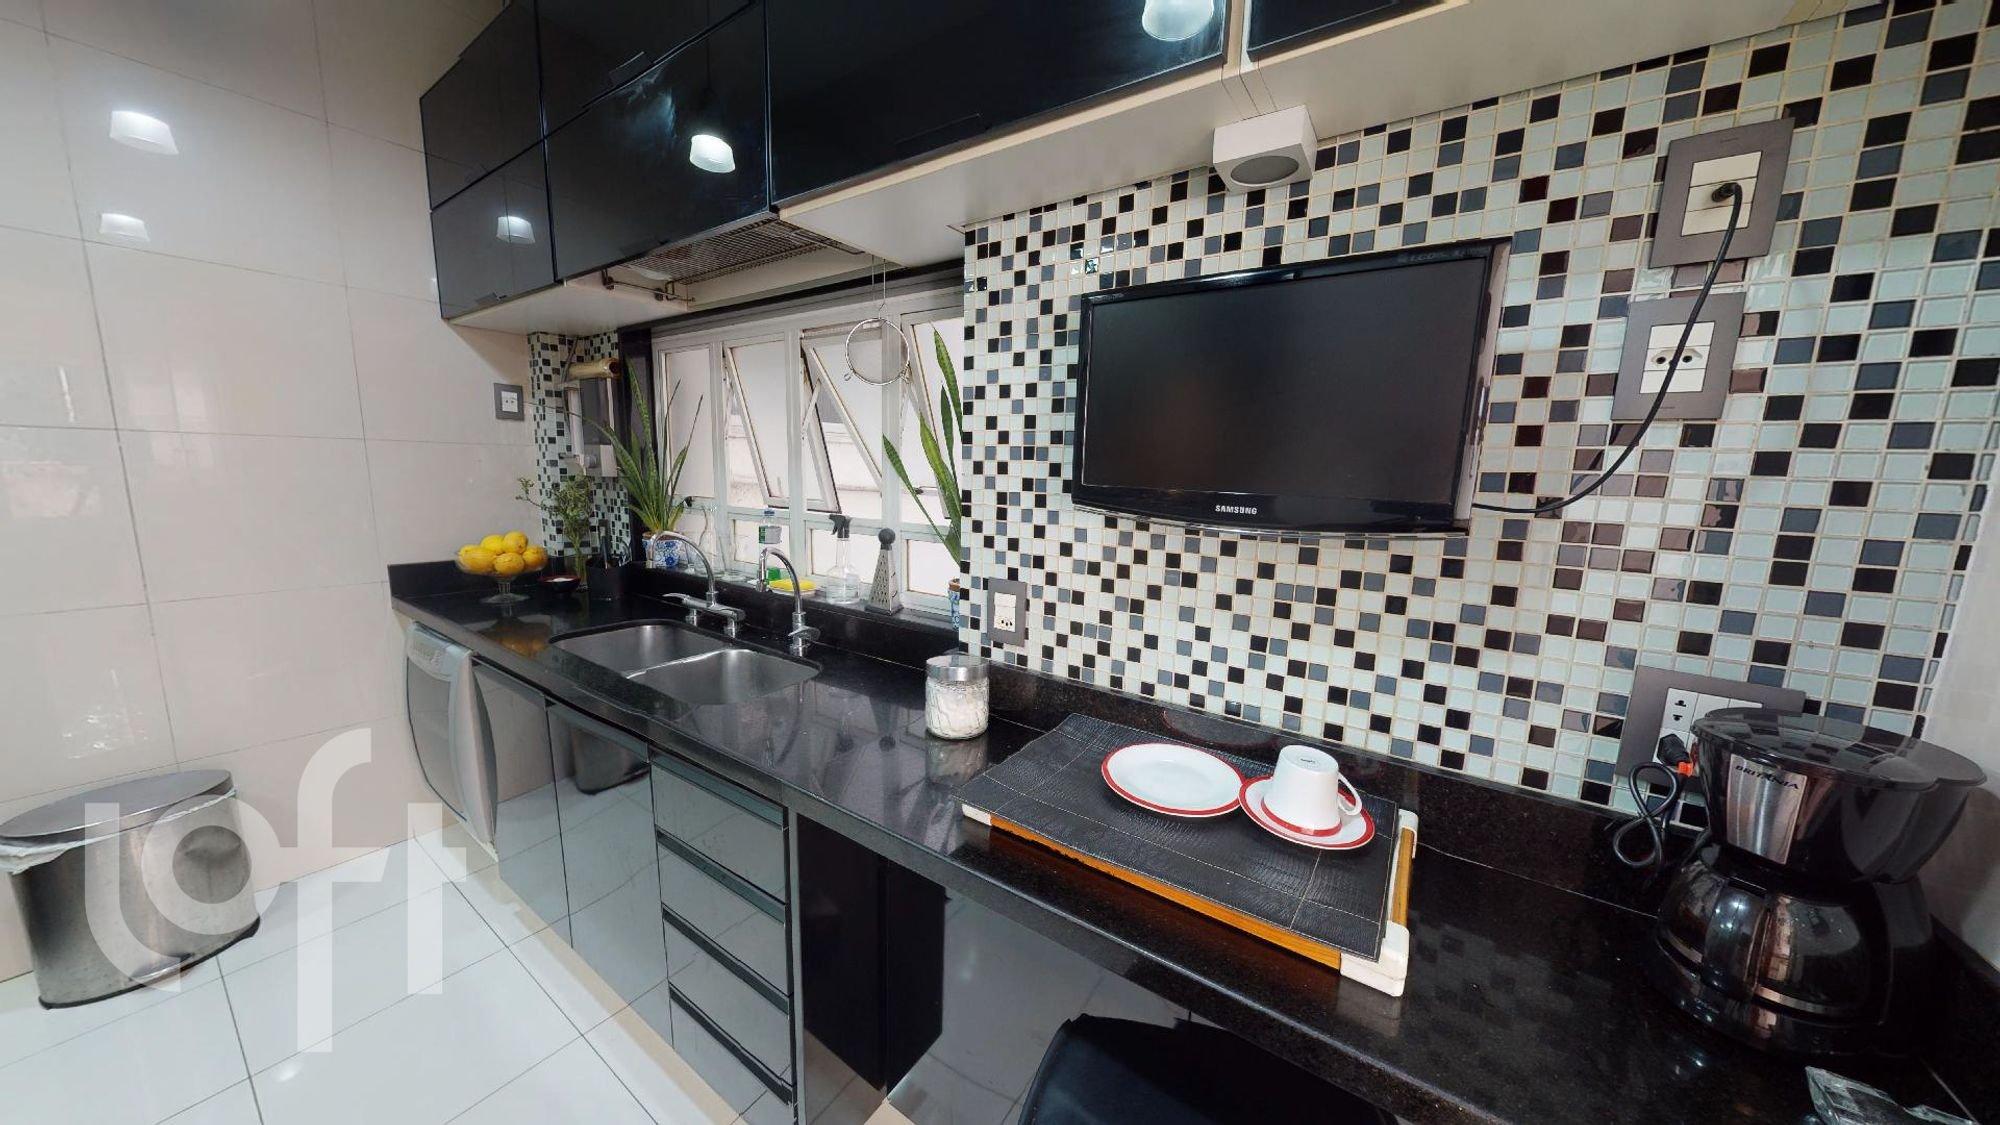 Foto de Cozinha com vaso de planta, televisão, vaso, tigela, pia